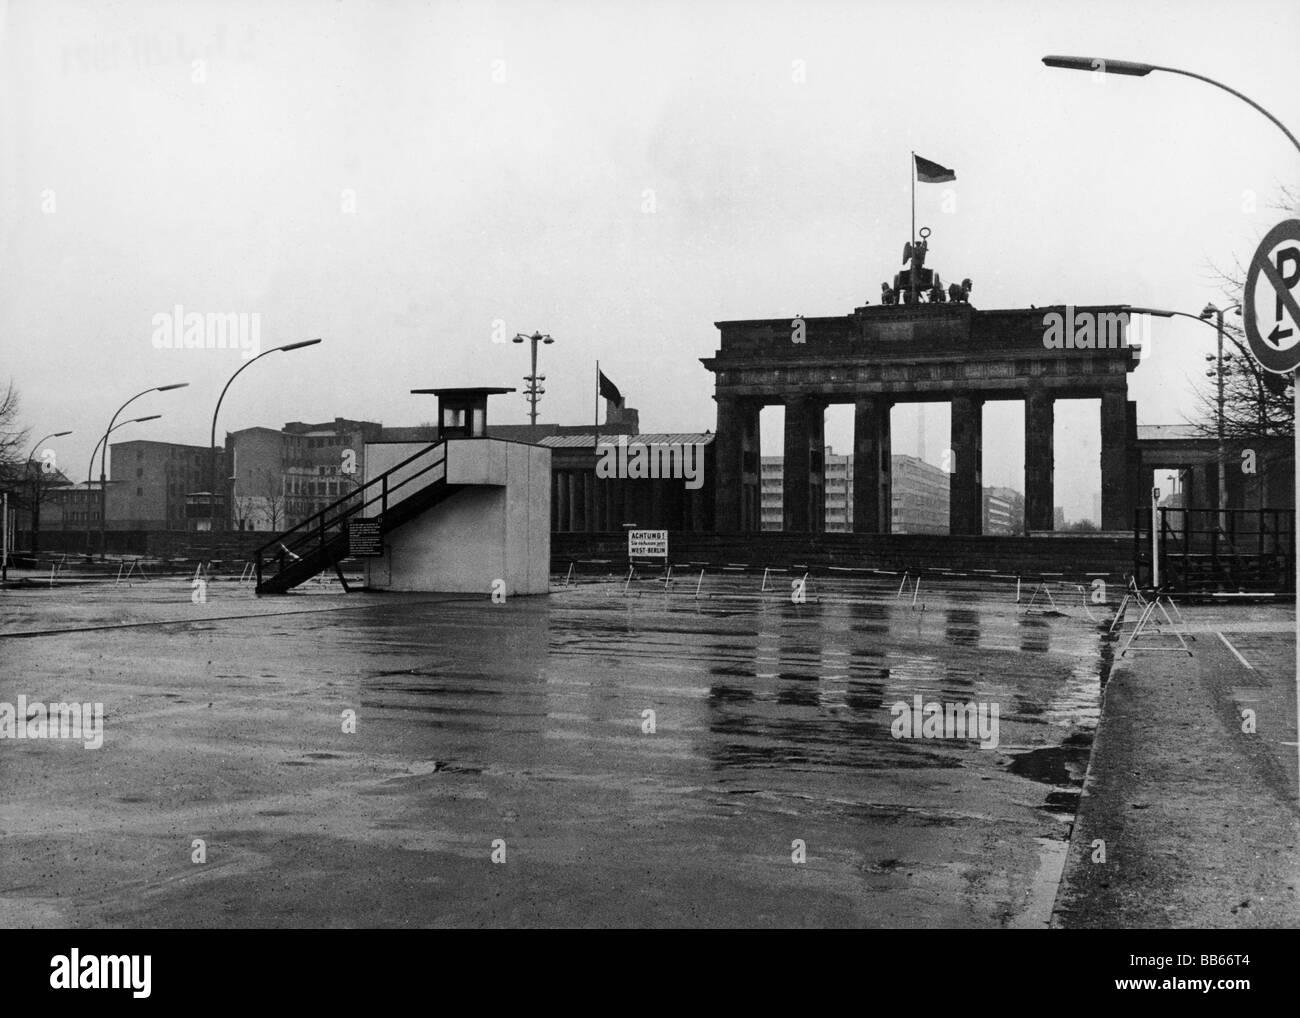 Geografía / viajes, Alemania, Berlín, Muro, barrera en la Puerta de Brandenburgo, 1971 Frontera sectoriales, Imagen De Stock